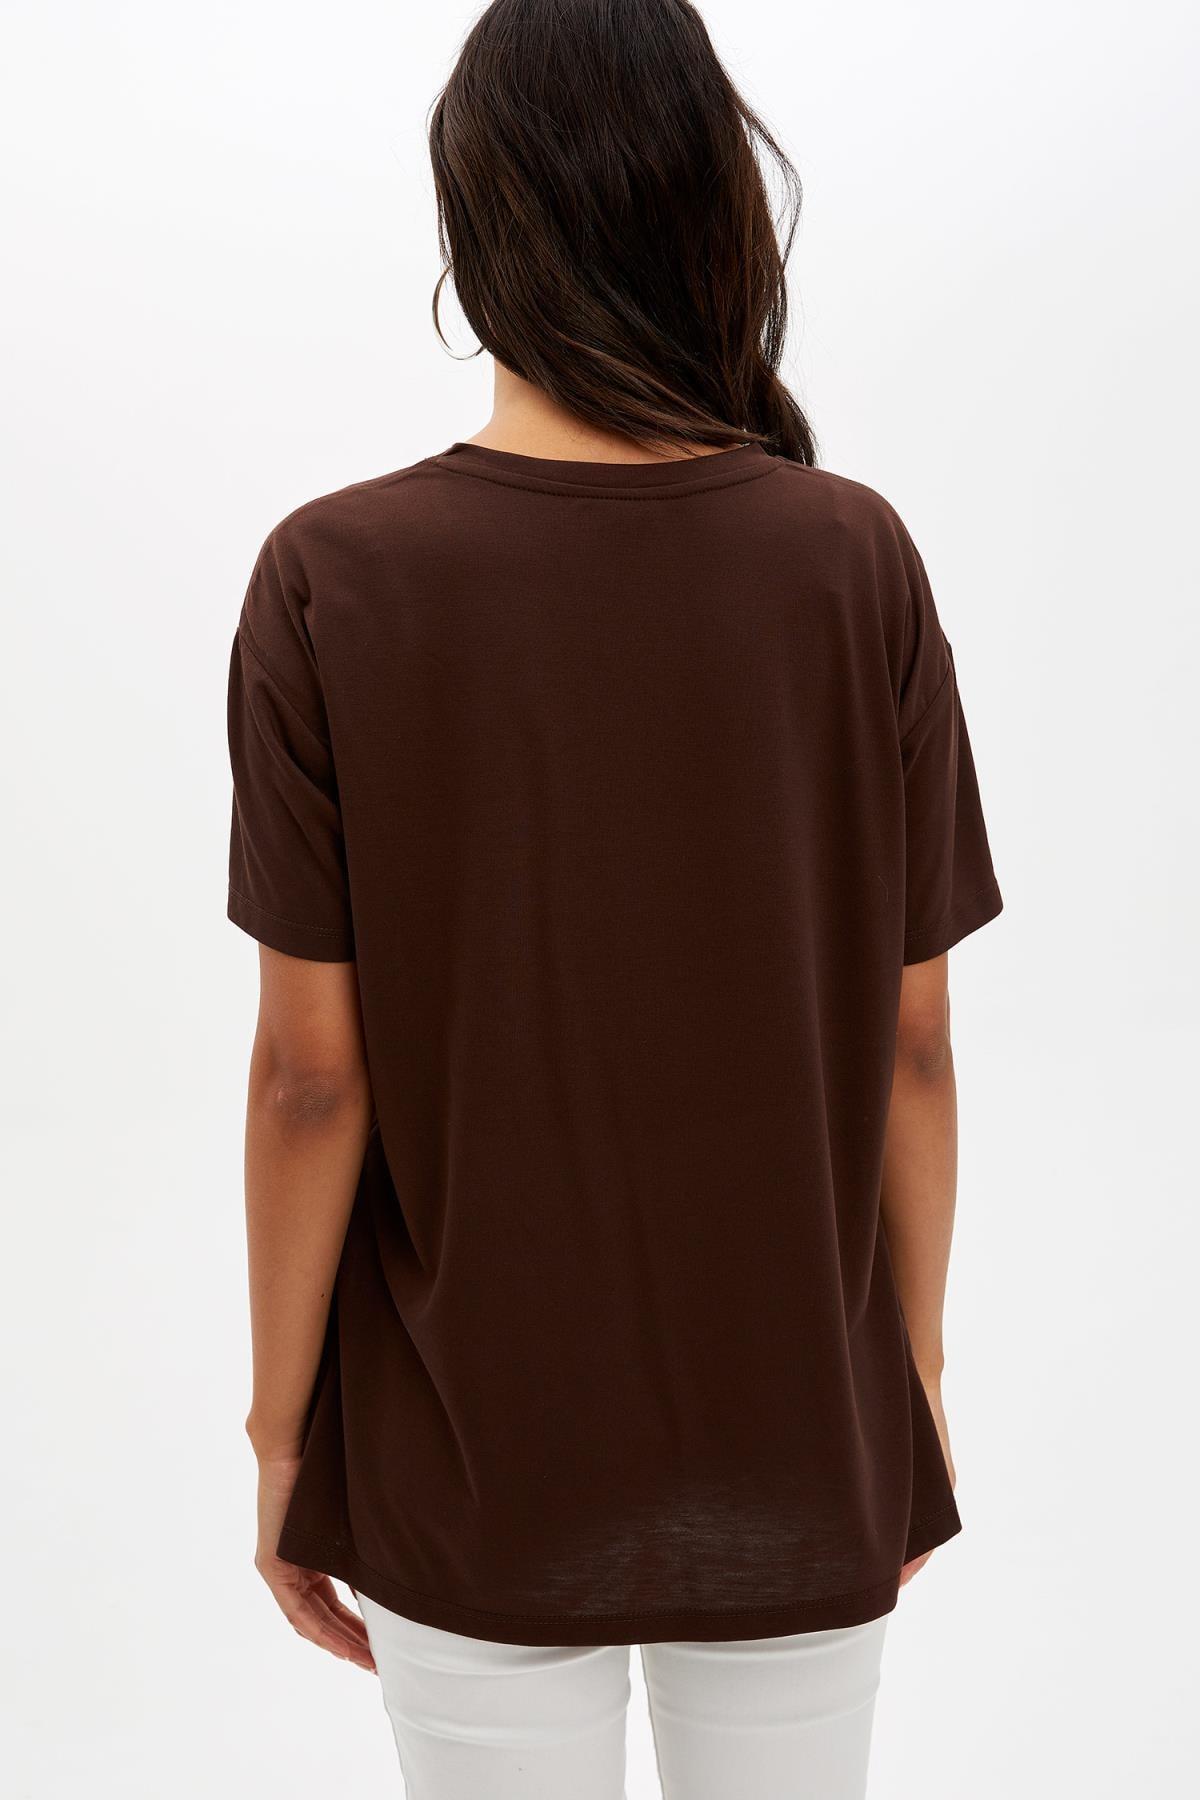 Defacto Kadın Kahverengi Baskılı Regular Fit T-Shirt M1868AZ.19AU.BN45 3